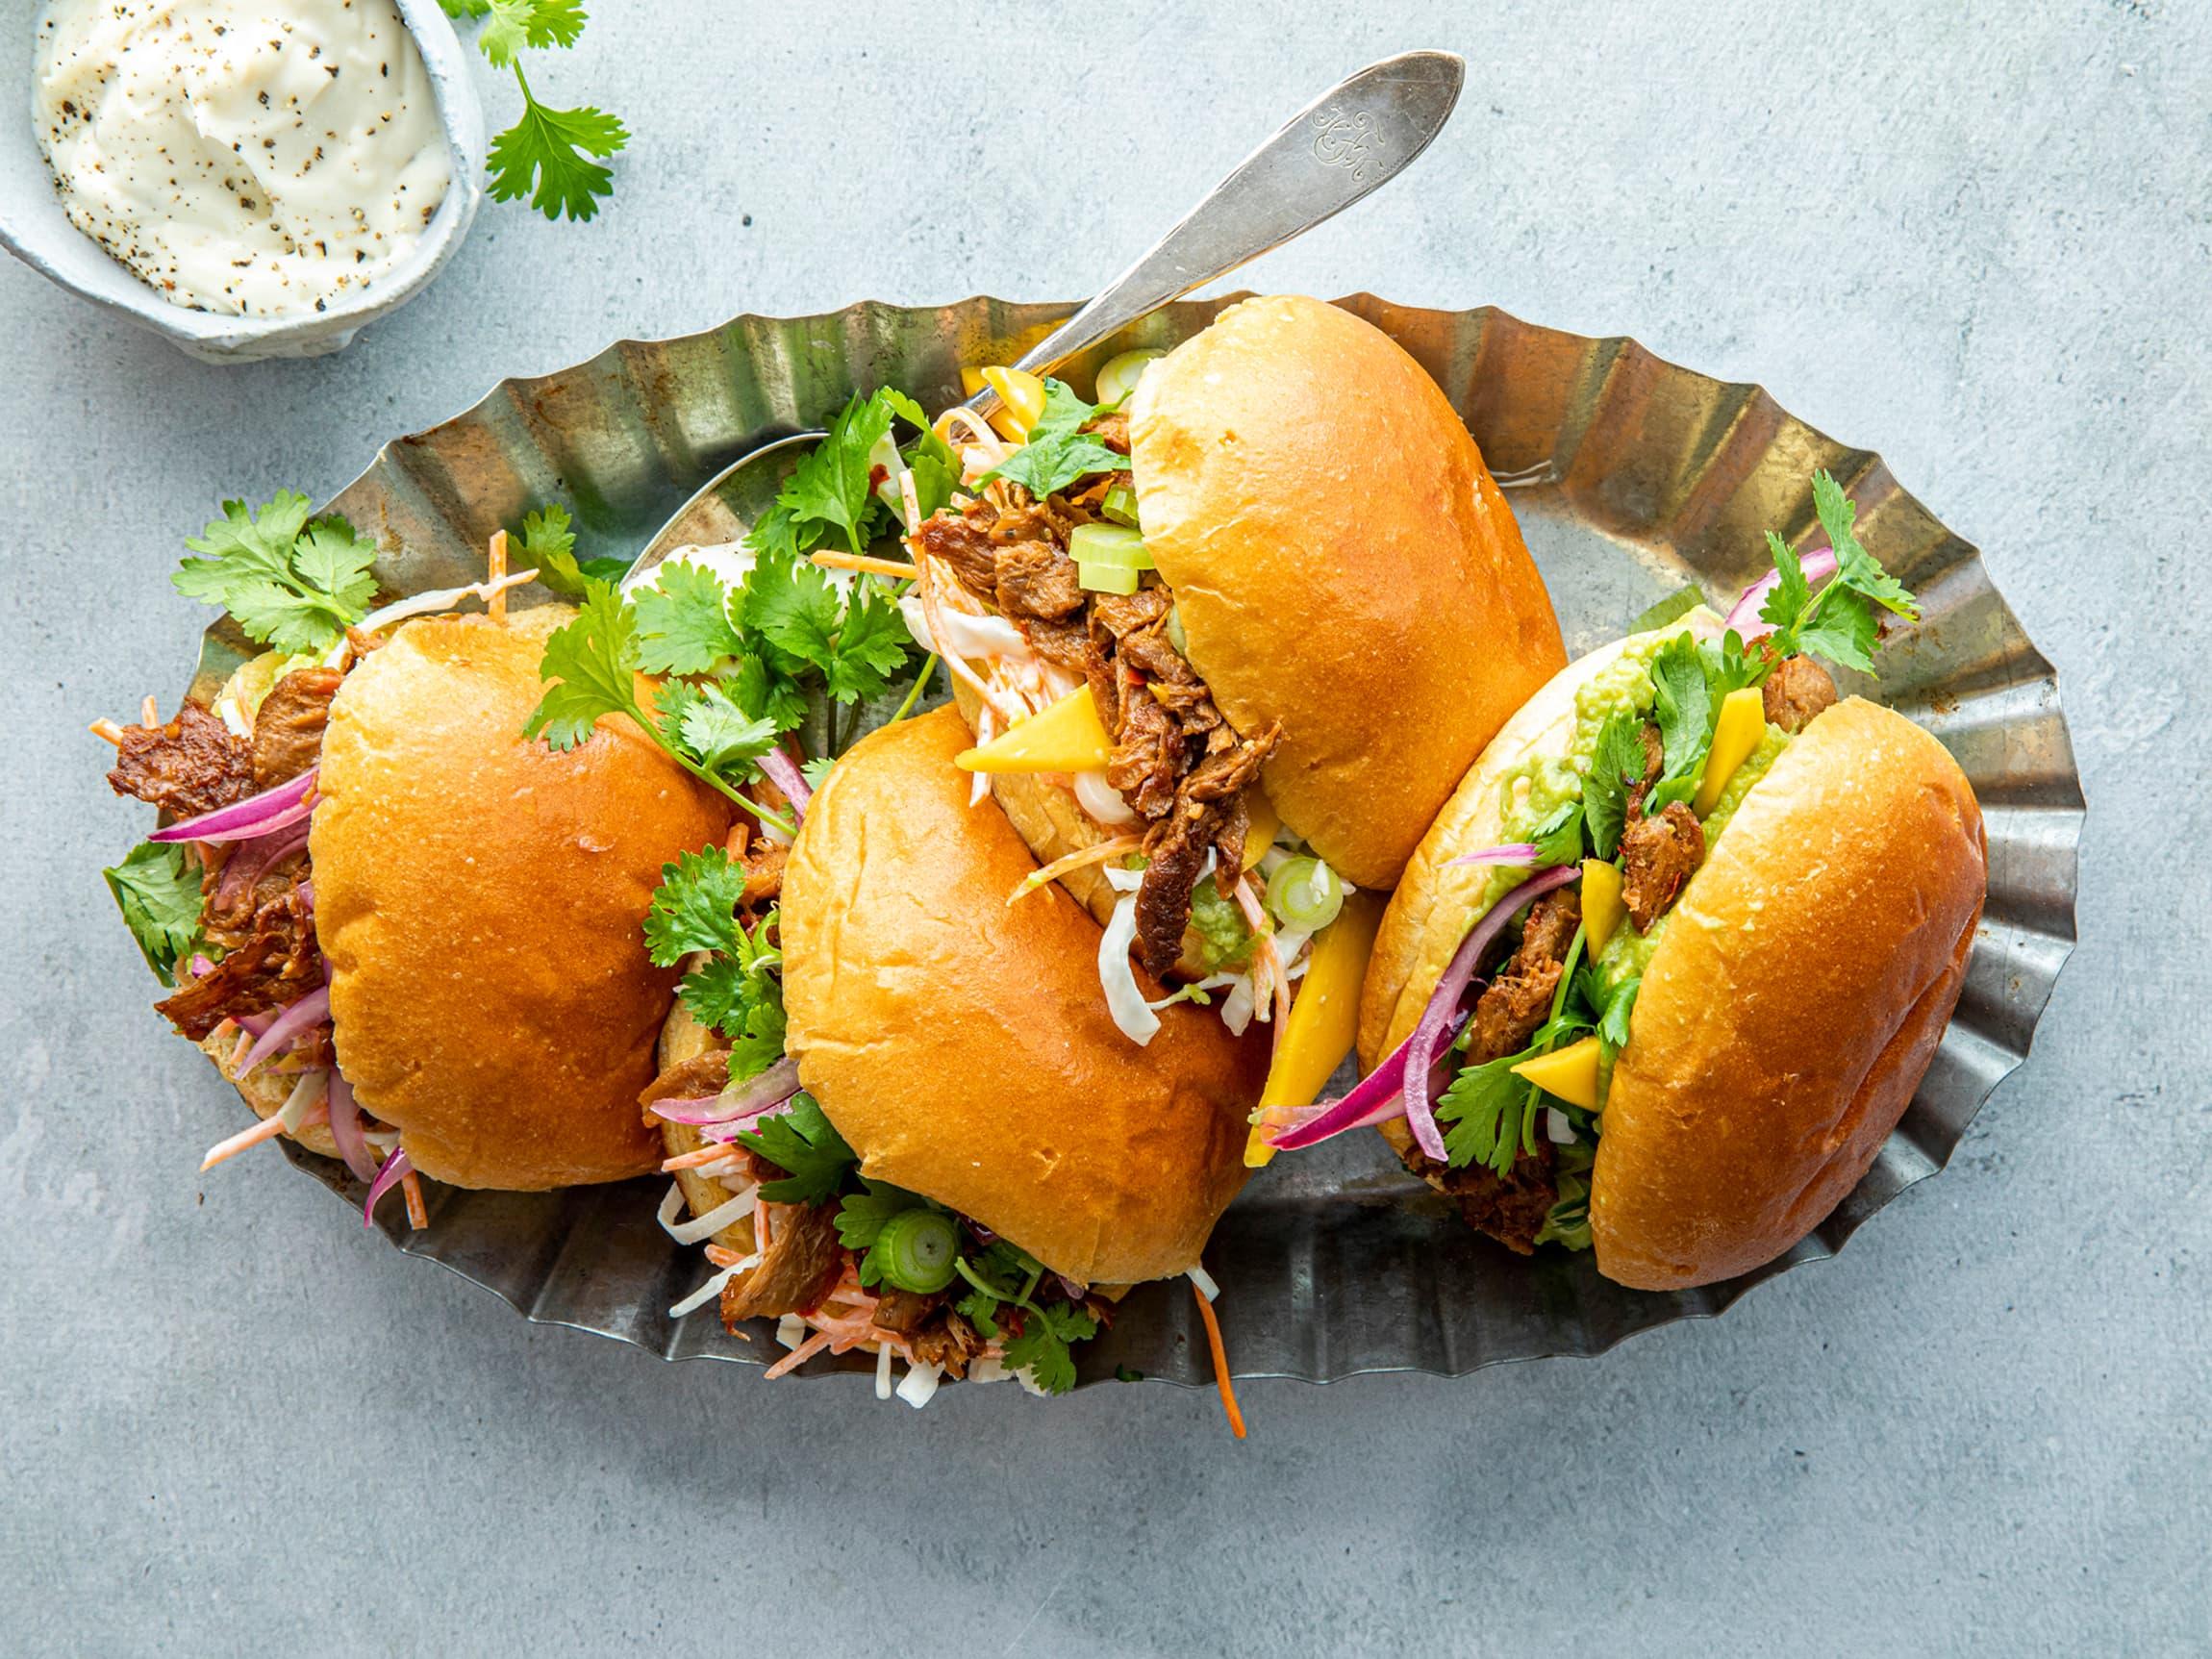 De luftige og smakfulle brioche-brødene løfter blant annet burgere og pulled pork til nye høyder.